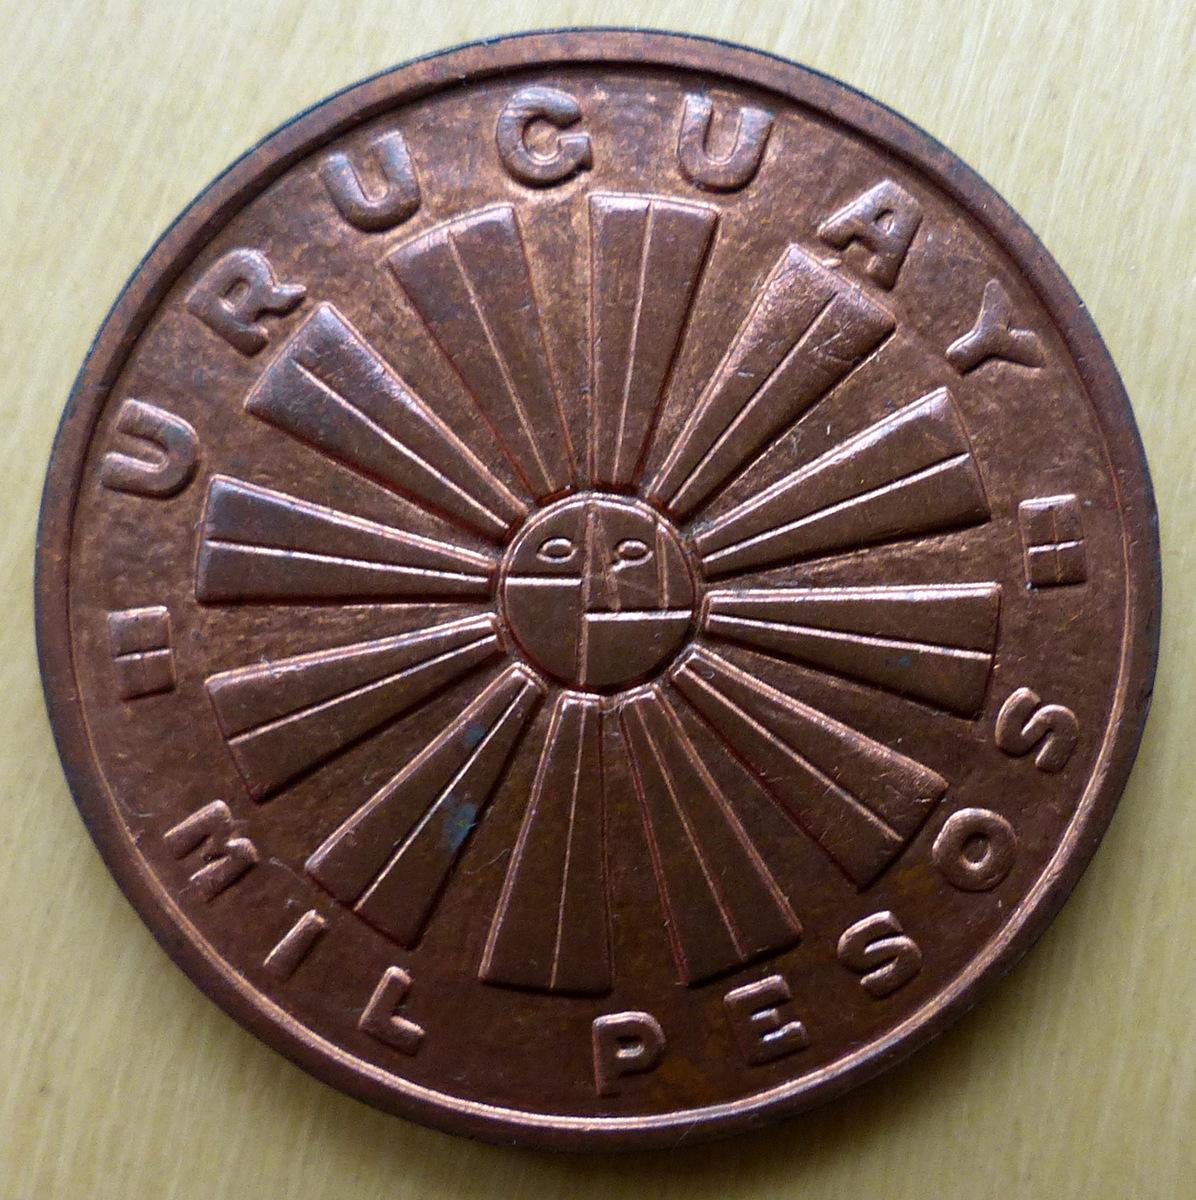 AÑO II en el foro - Uruguay - 1969 - 1000 pesos Cu Mil_pesos_1969_a